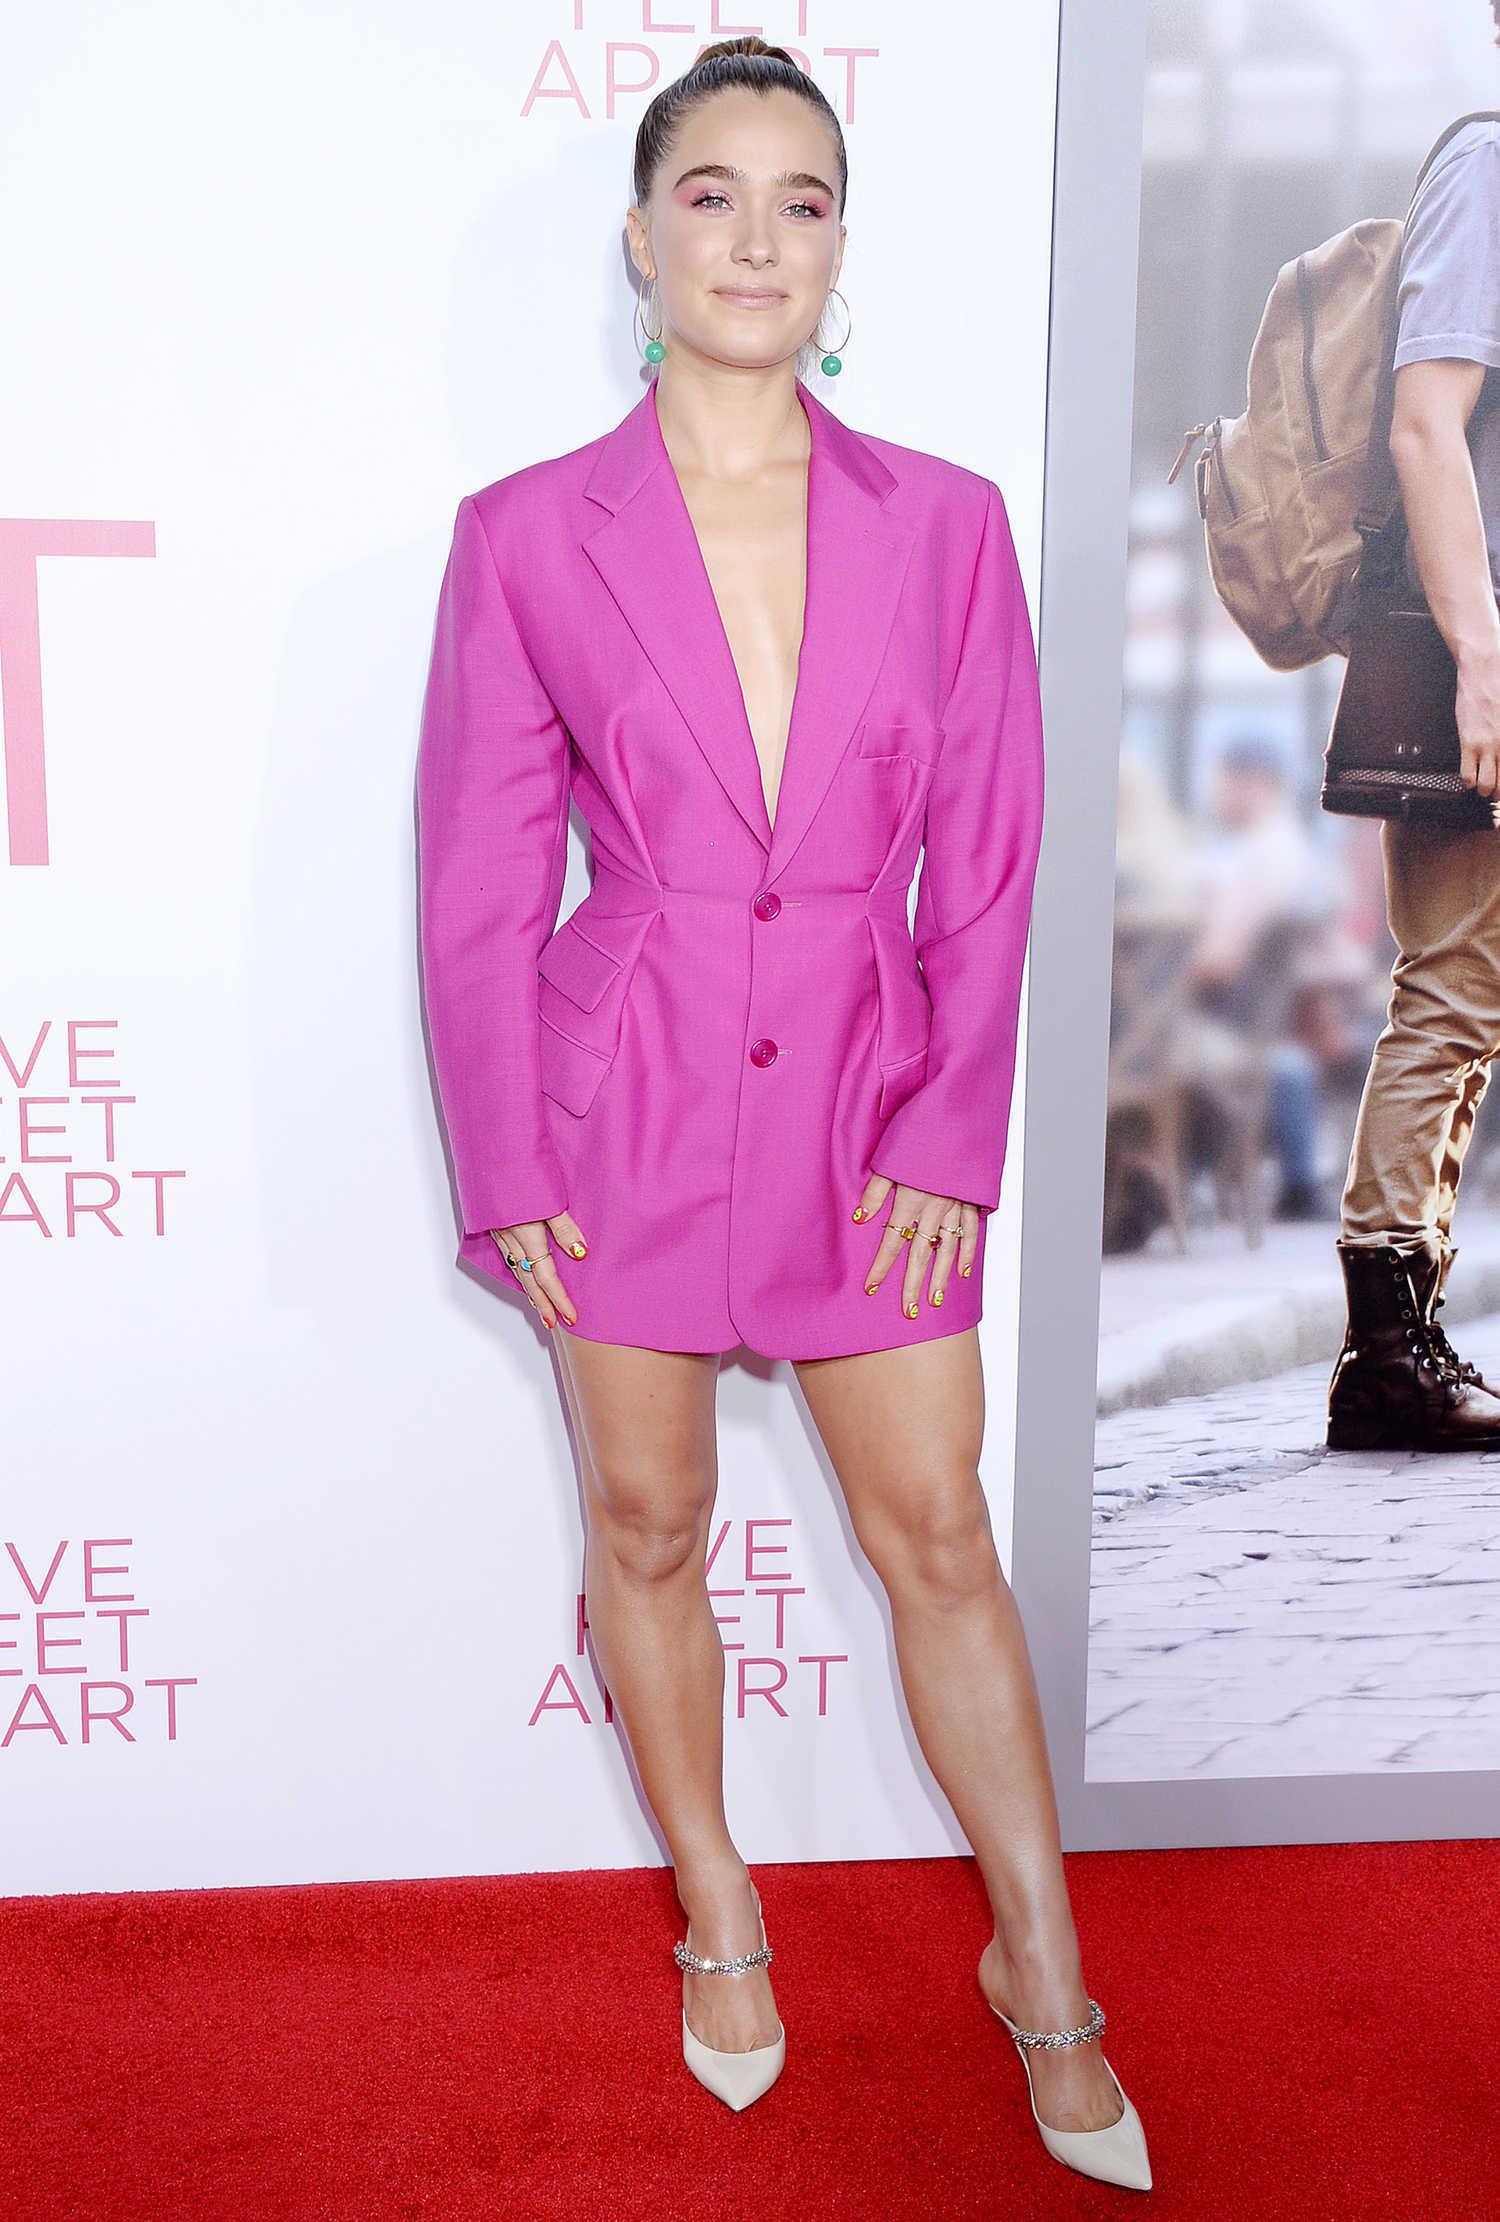 Haley Lu Richardson Attends Five Feet Apart Premiere in LA ...